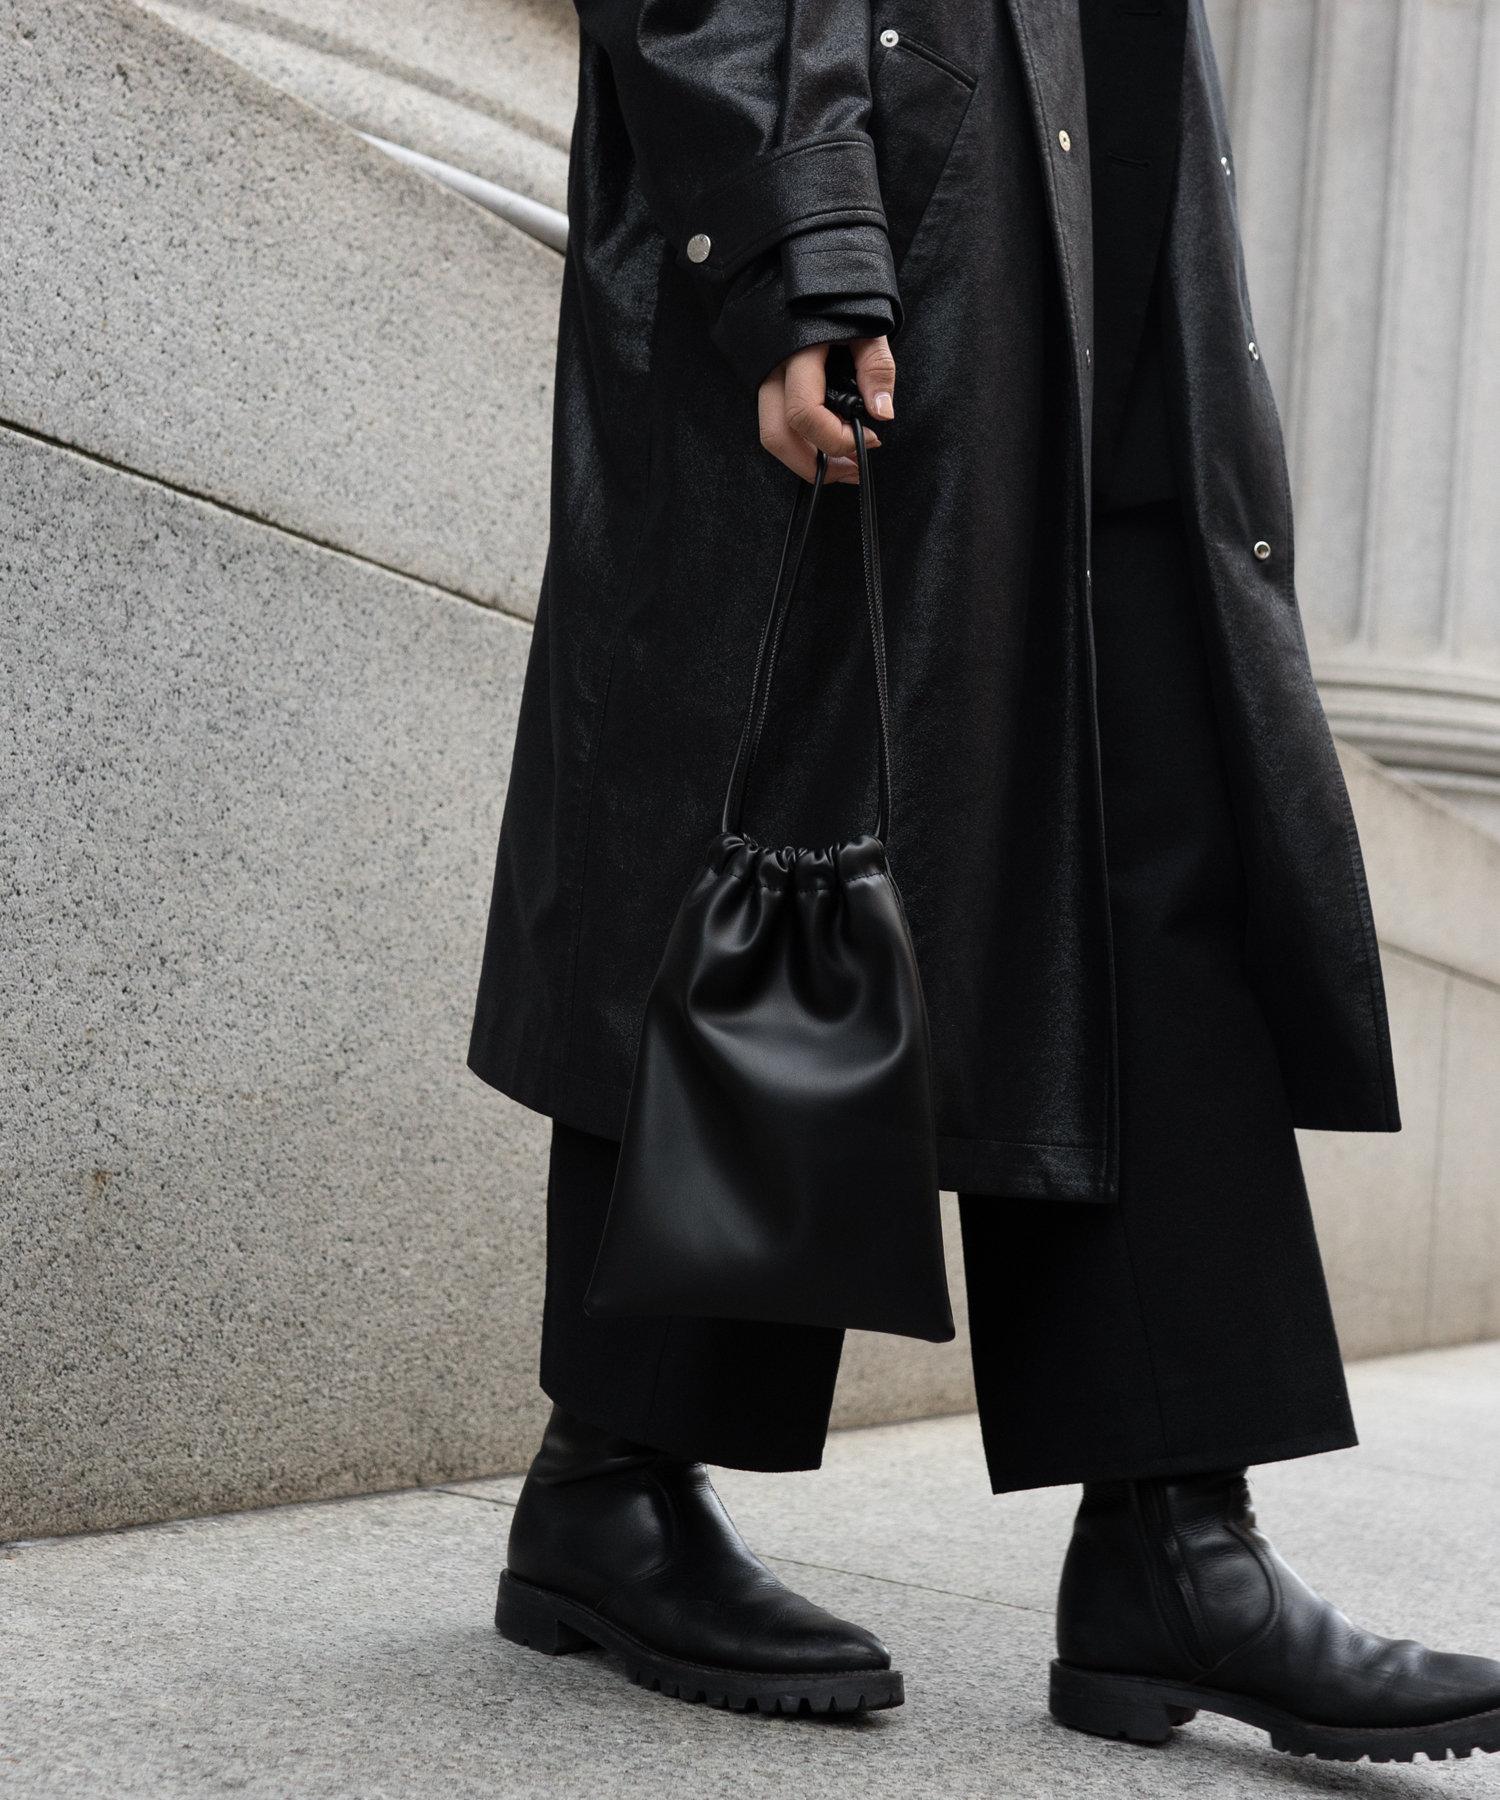 COLONY 2139(コロニー トゥーワンスリーナイン) レディース 【@sakina_yamamoto】サステナビリティレザー巾着チェーンバッグ ブラック